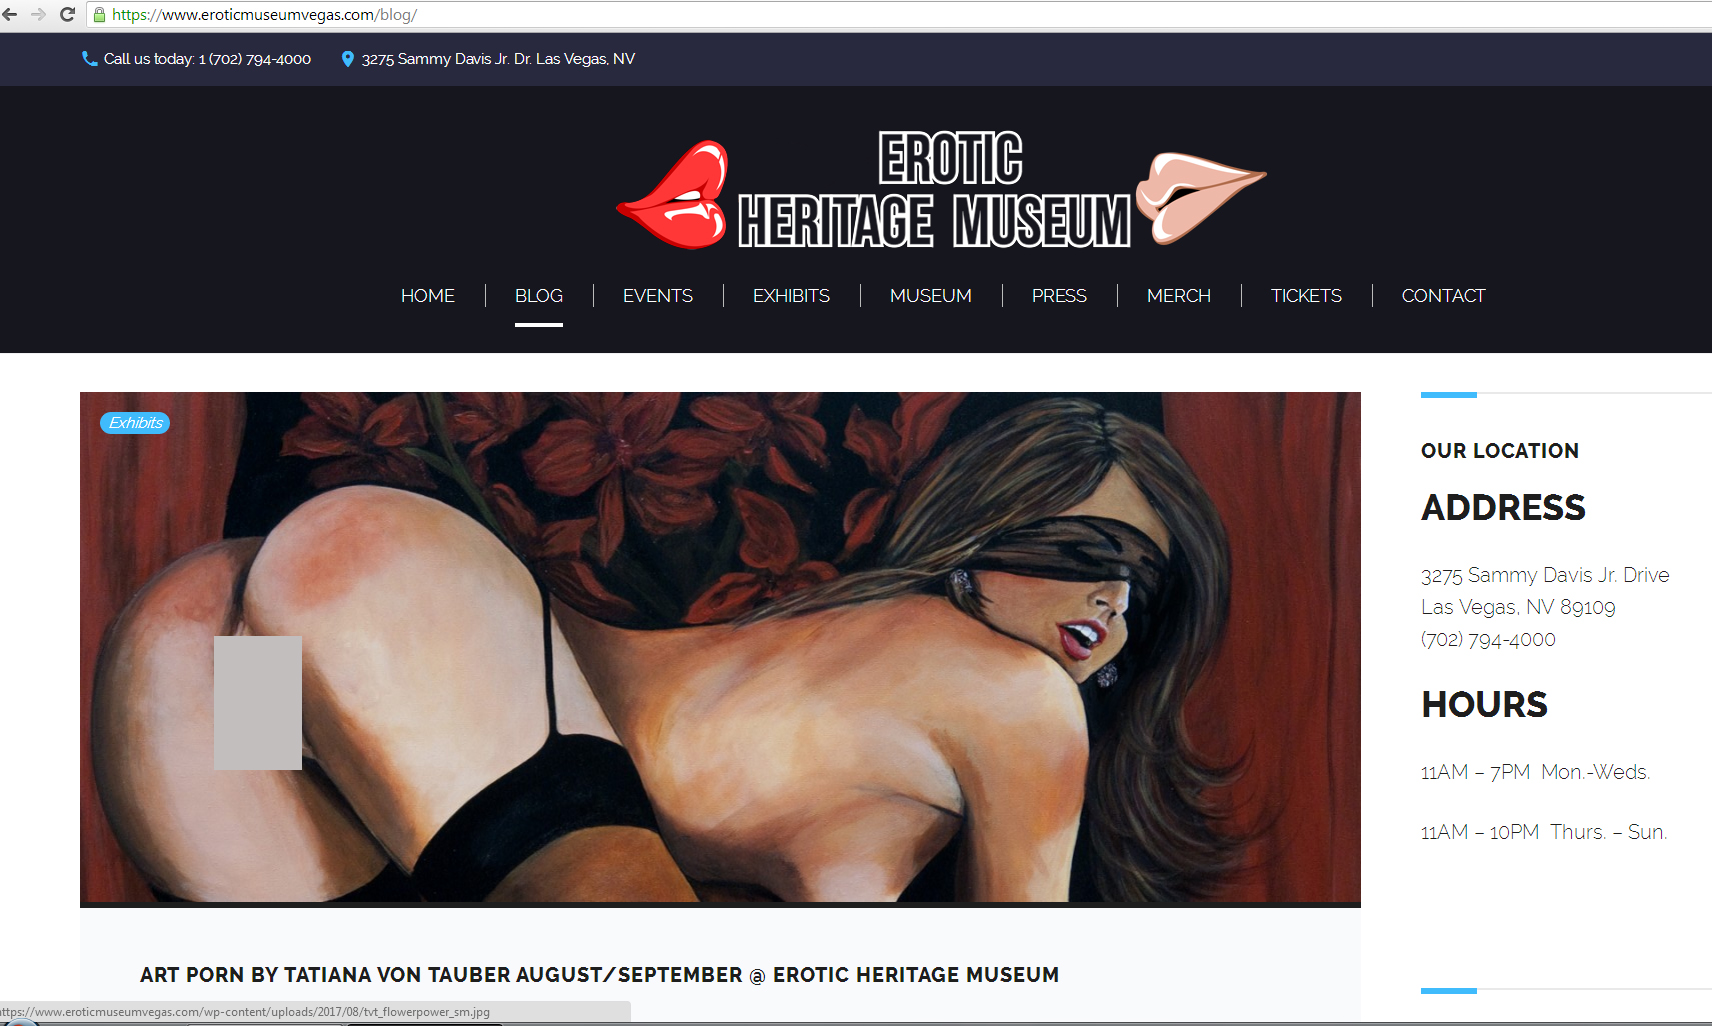 EHM_blogscreenshotcensored_tvt.jpg